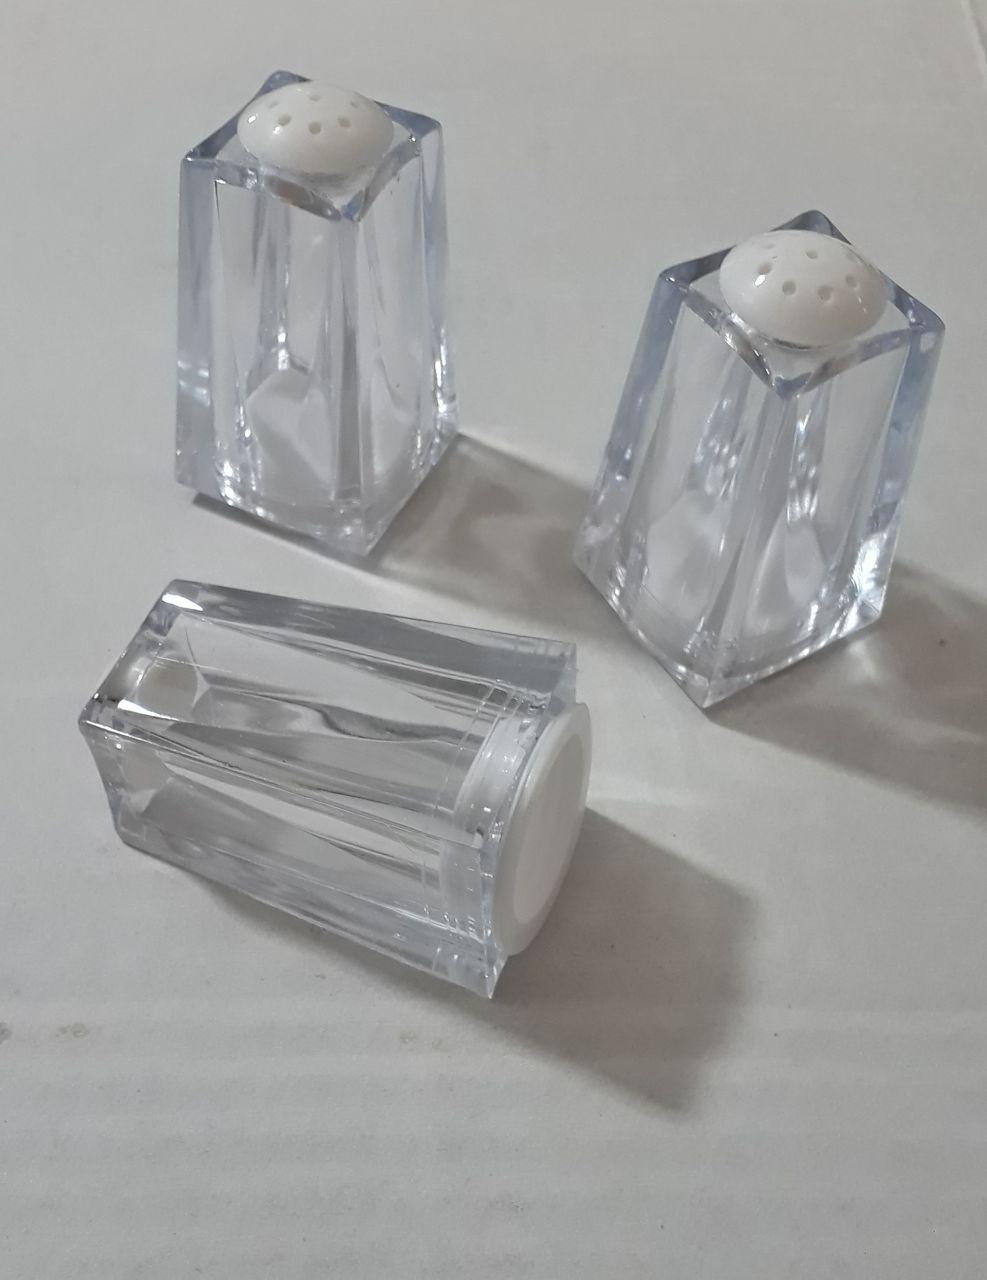 نمک پاش اکرولیک -- پخش نمک پاش --- خرید عمده --- پخش پلاستیک